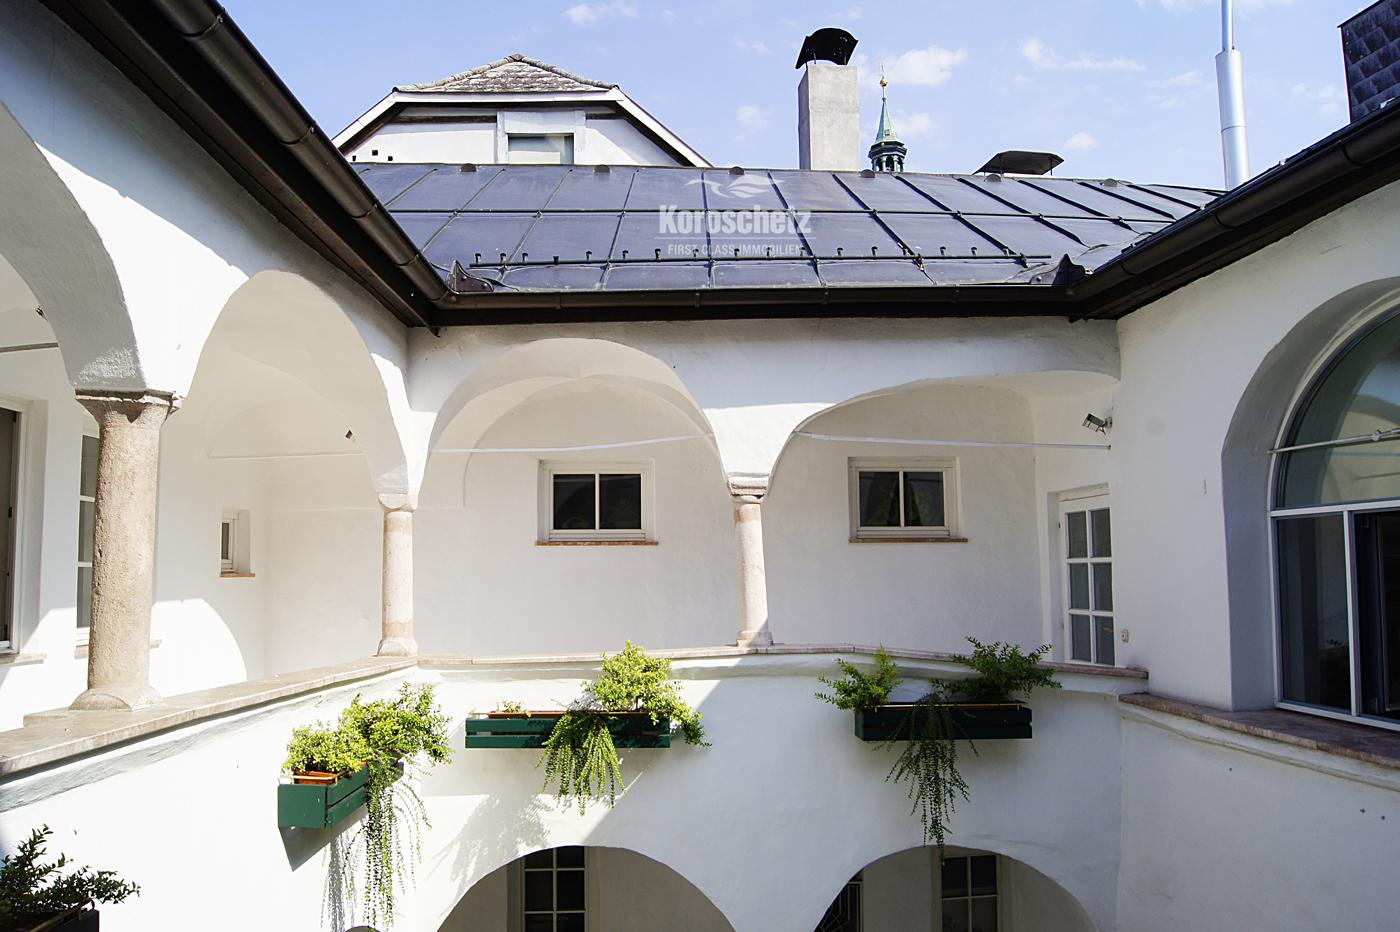 Mietwohnung in der gmundner innenstadt immobilien koroschetz for Immobilien mietwohnung